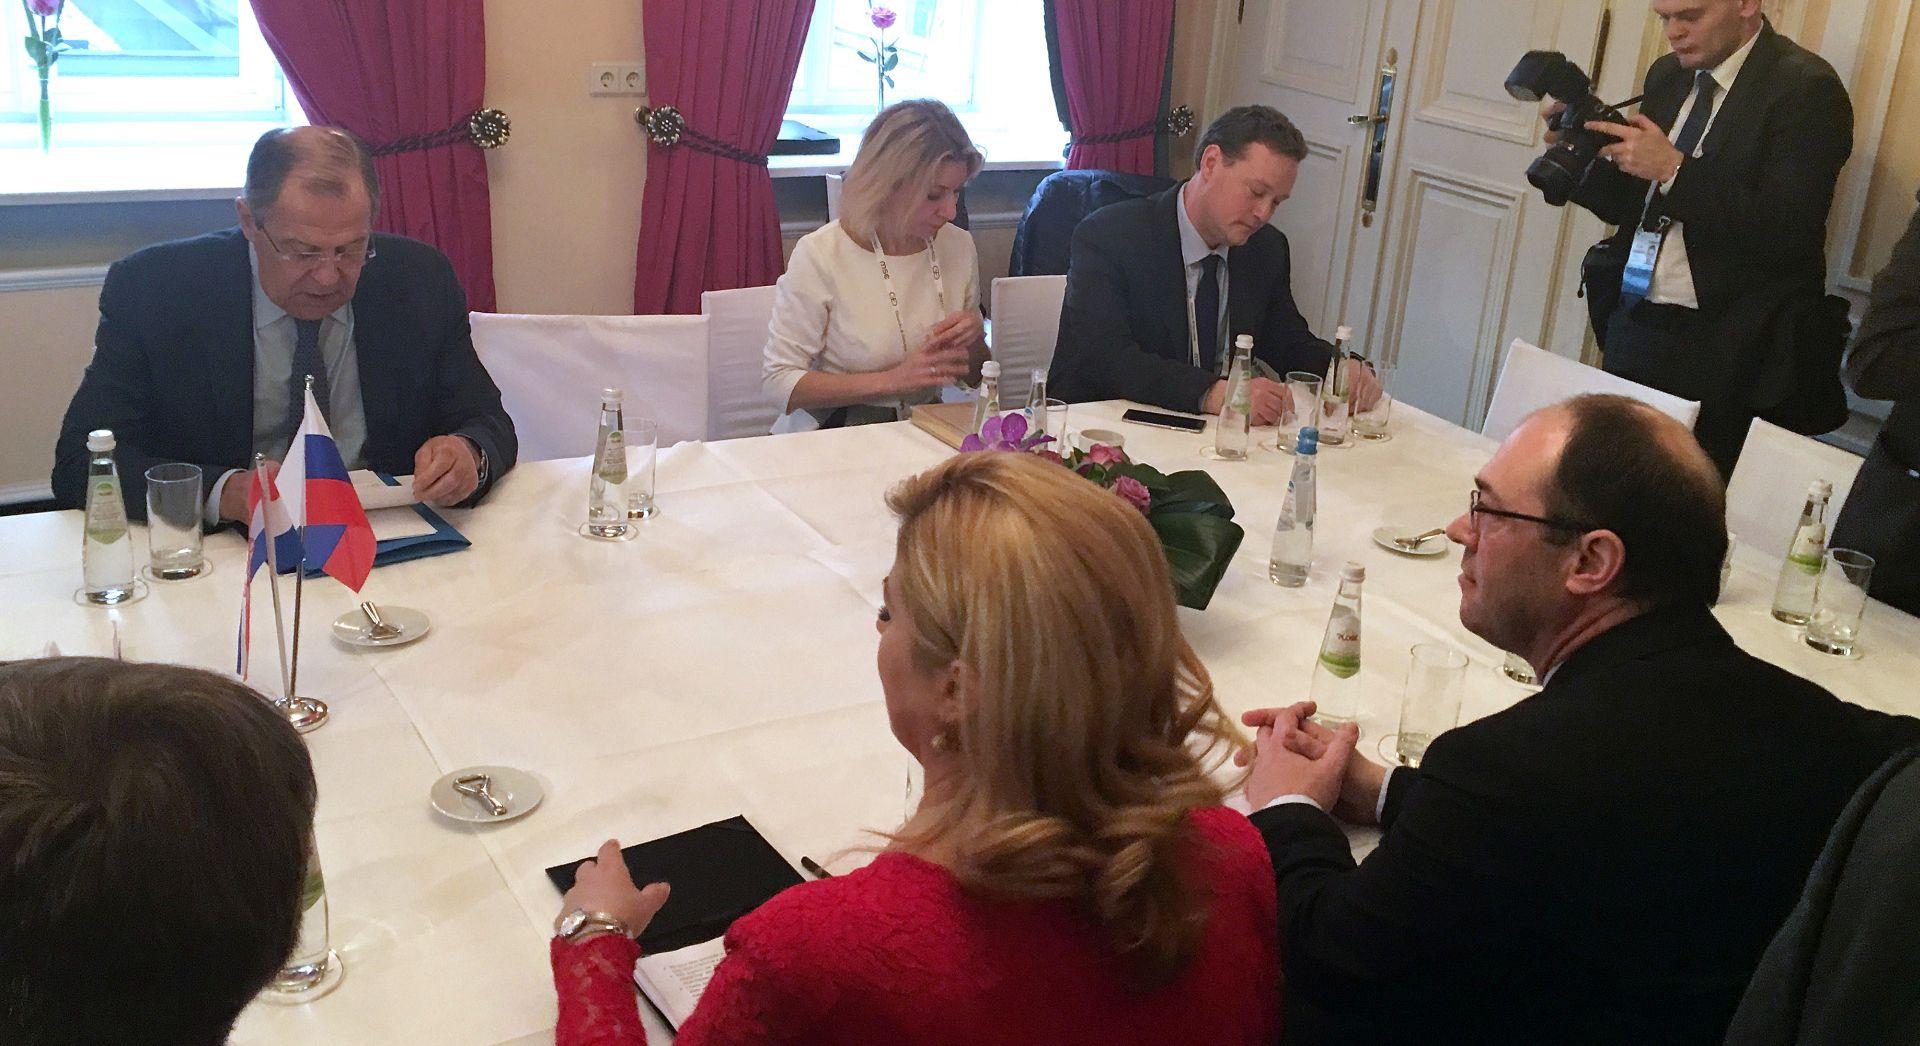 Predsjednica kaže da Lavrov cijeni njezinu iskrenost o ulozi Rusije na JI Europe